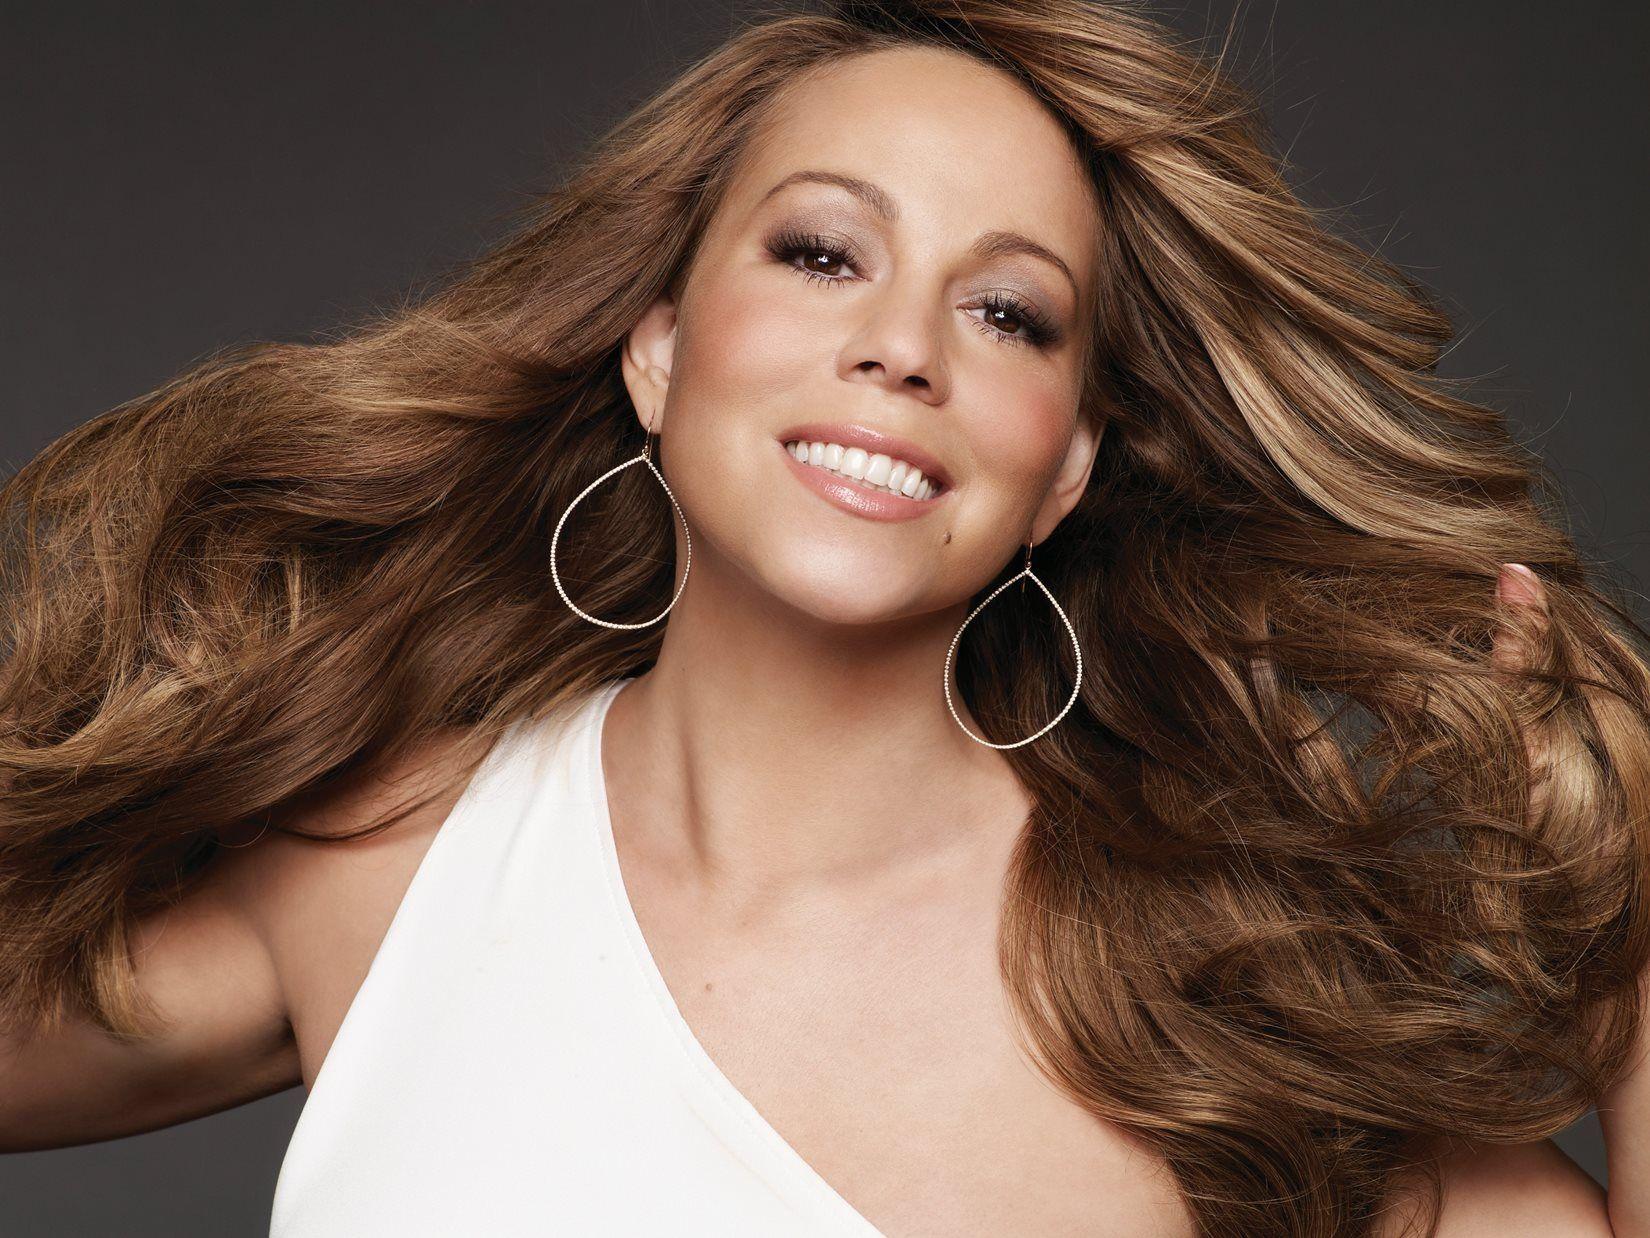 Mariah+Carey+hará+un+reality+show